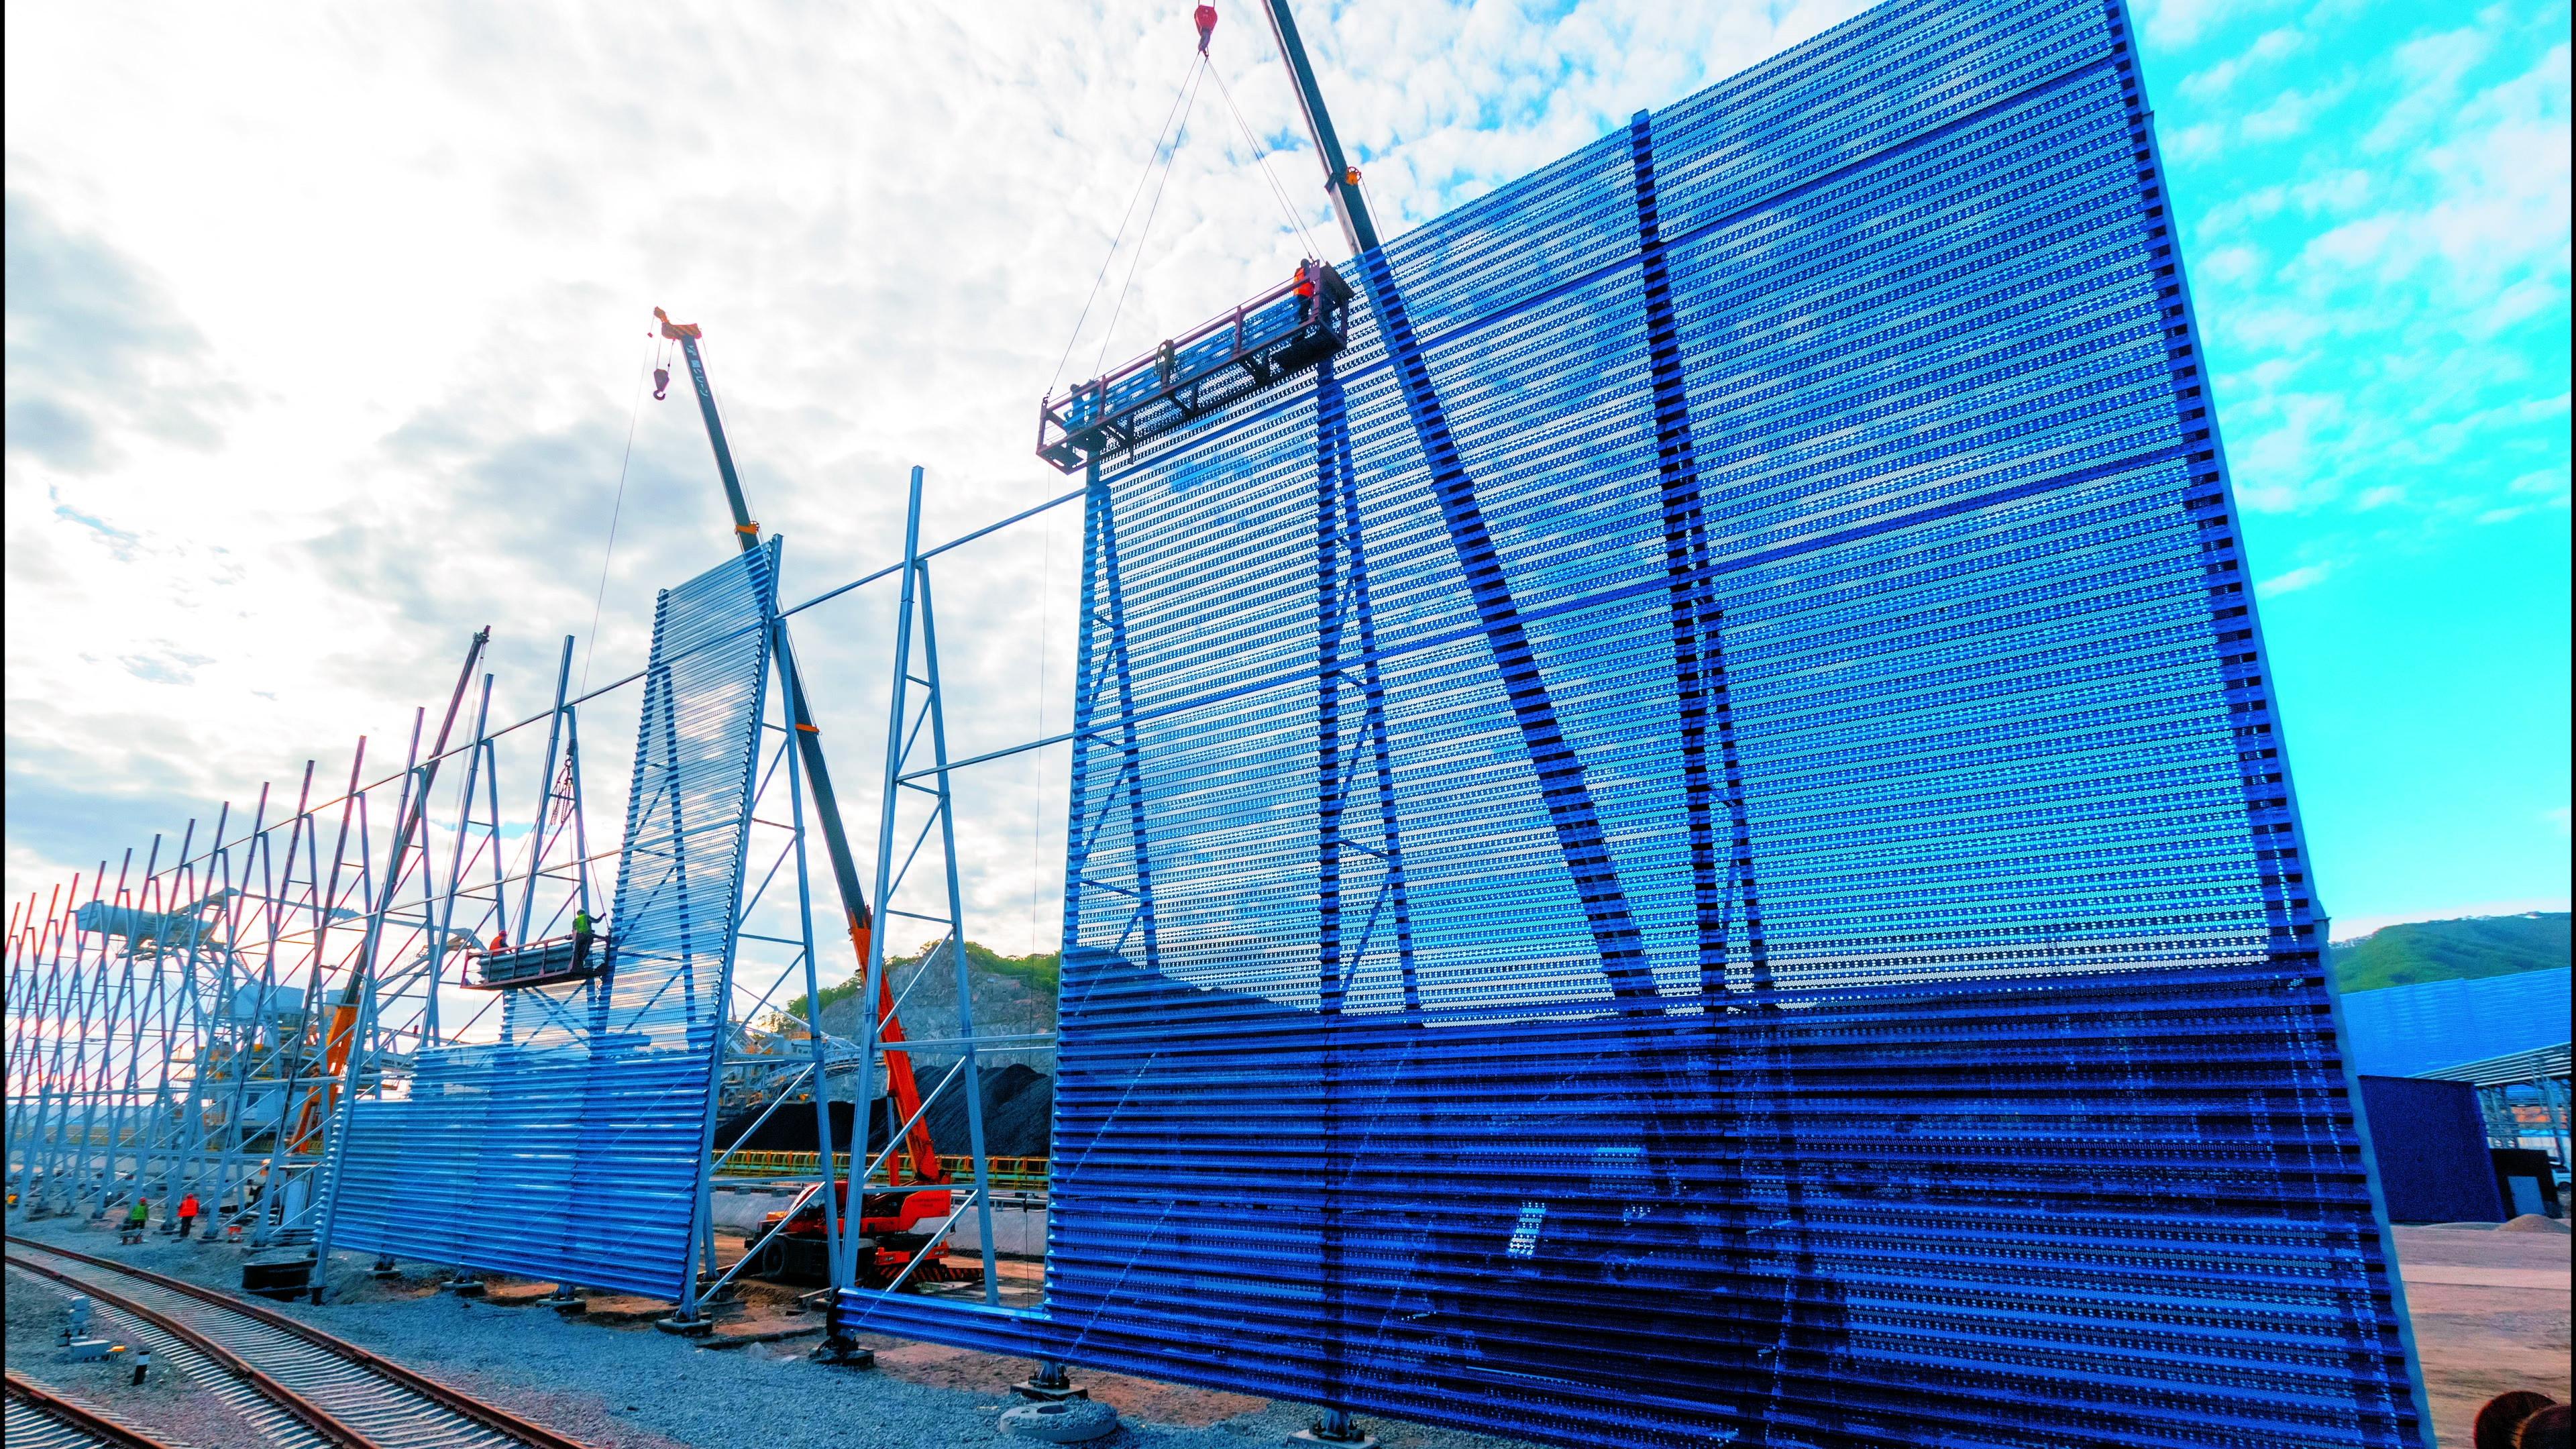 АО «Восточный Порт» строит самые масштабные ветрозащитные сооружения на Дальнем Востоке